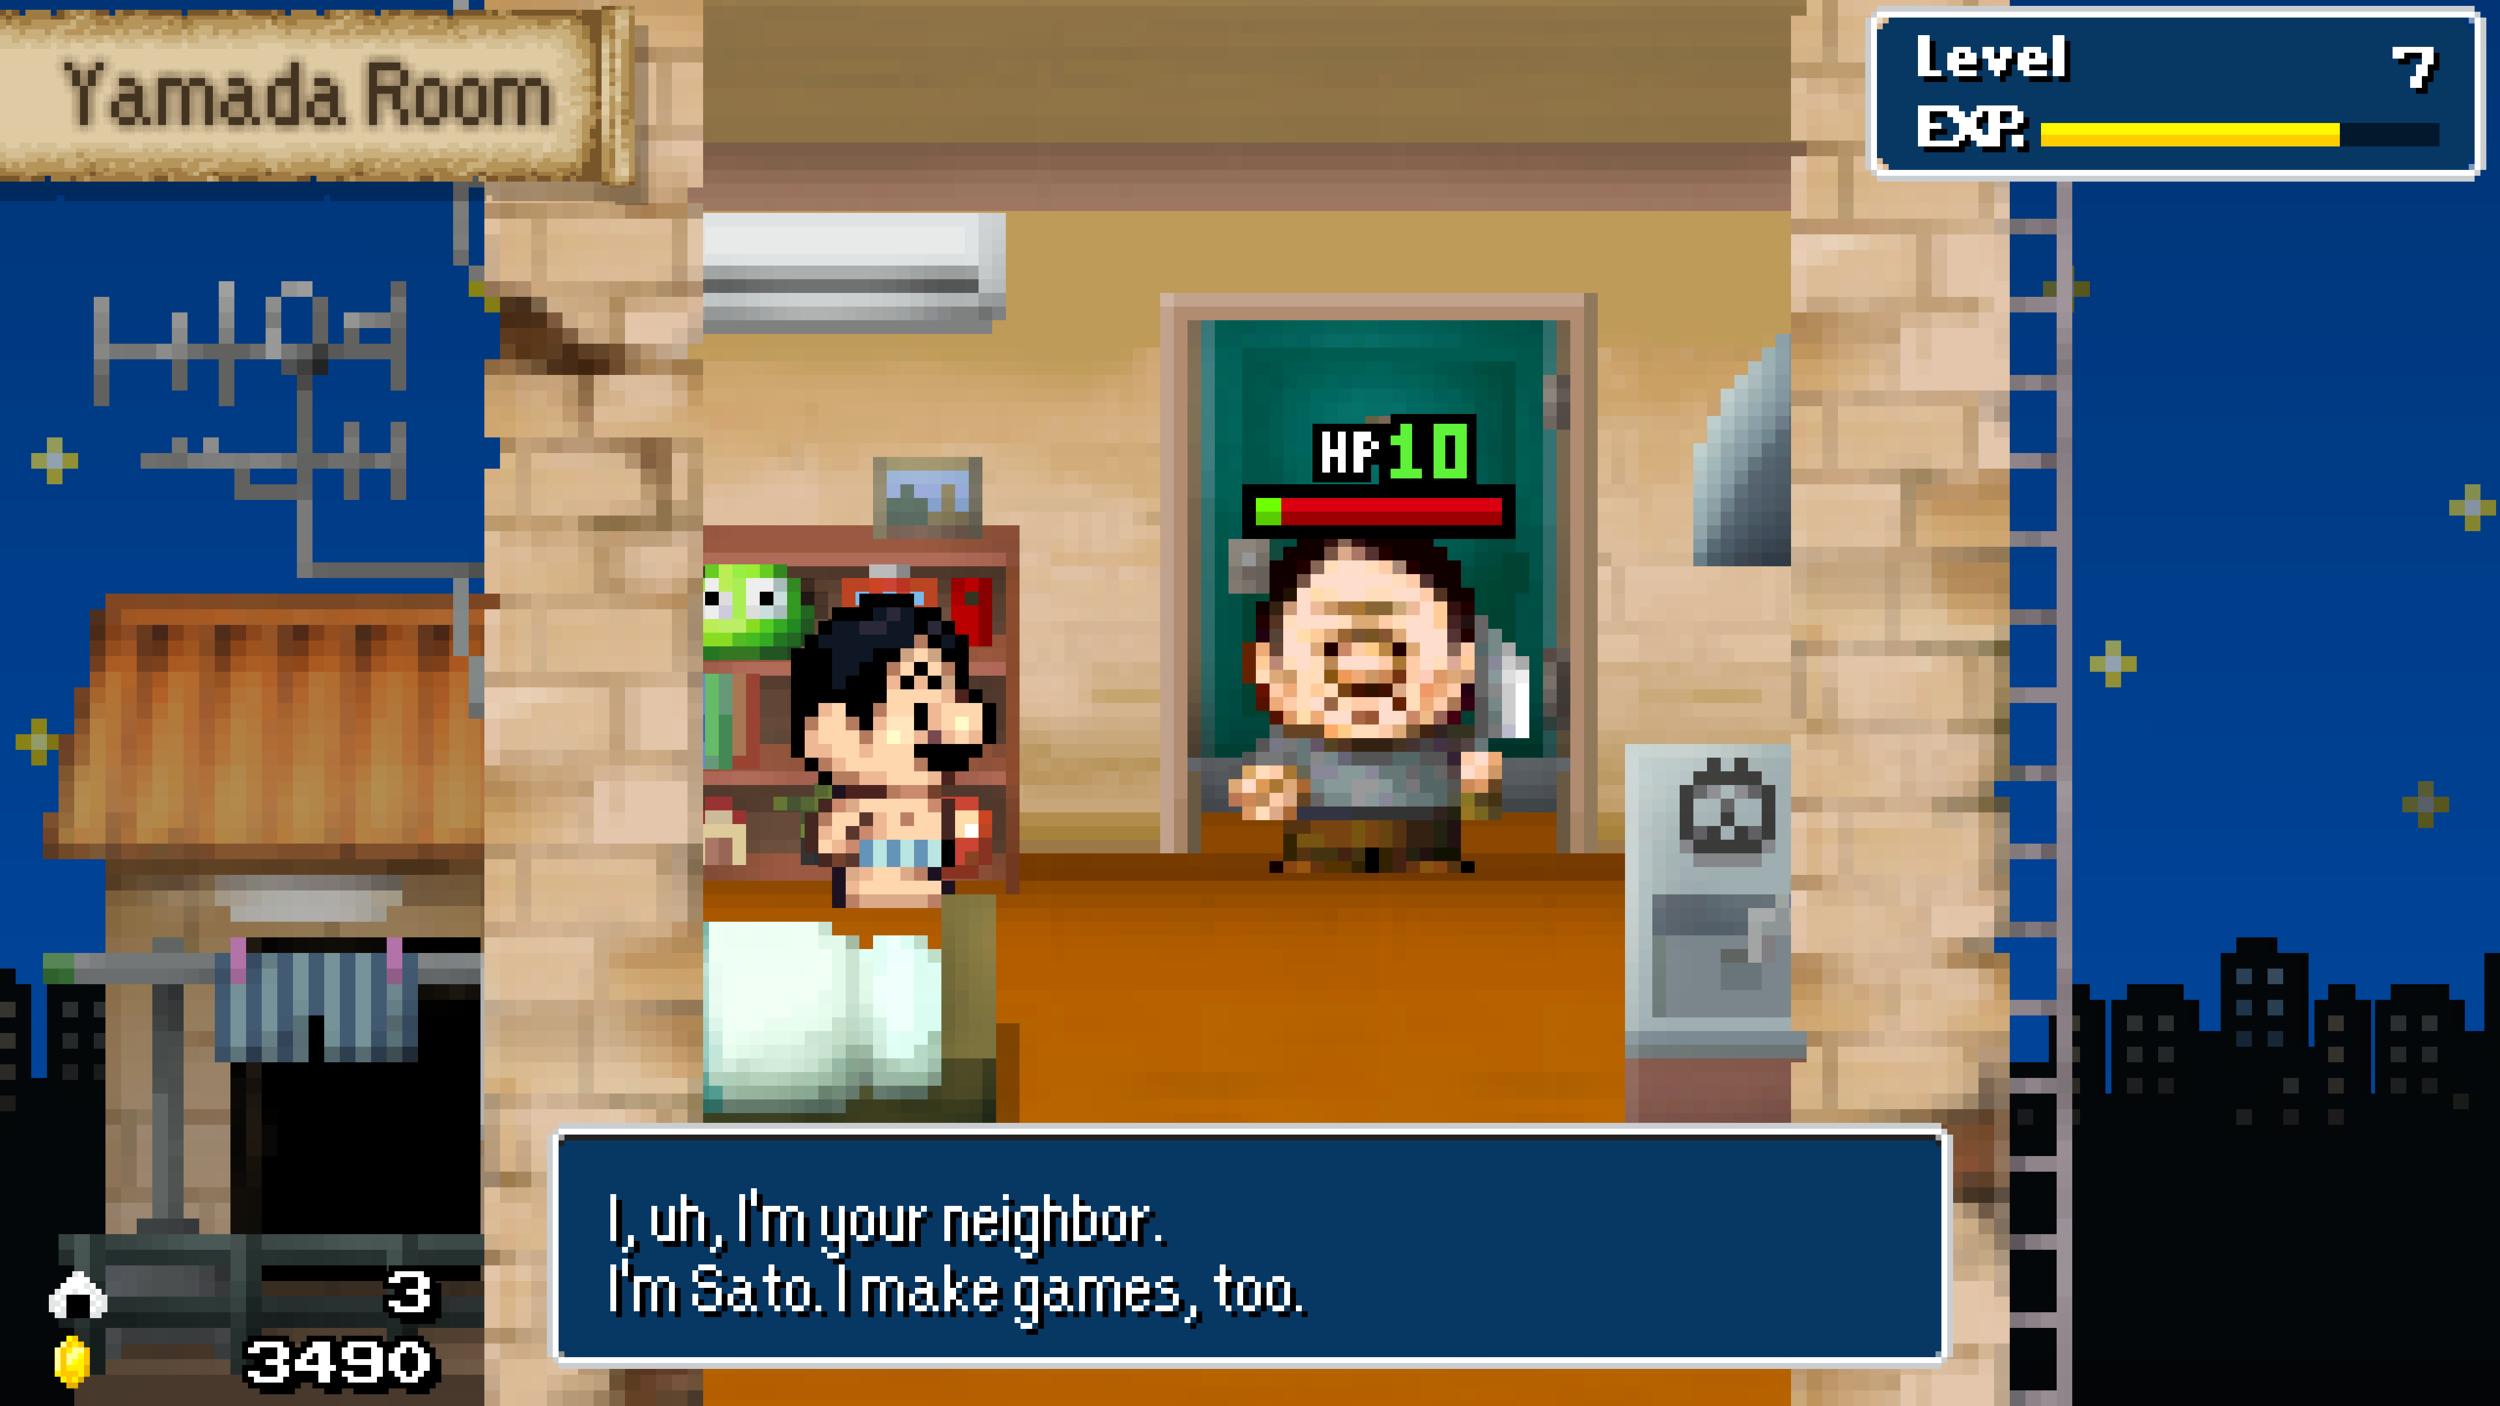 Gli intermezzi nonsense sono la parte migliore del gioco.